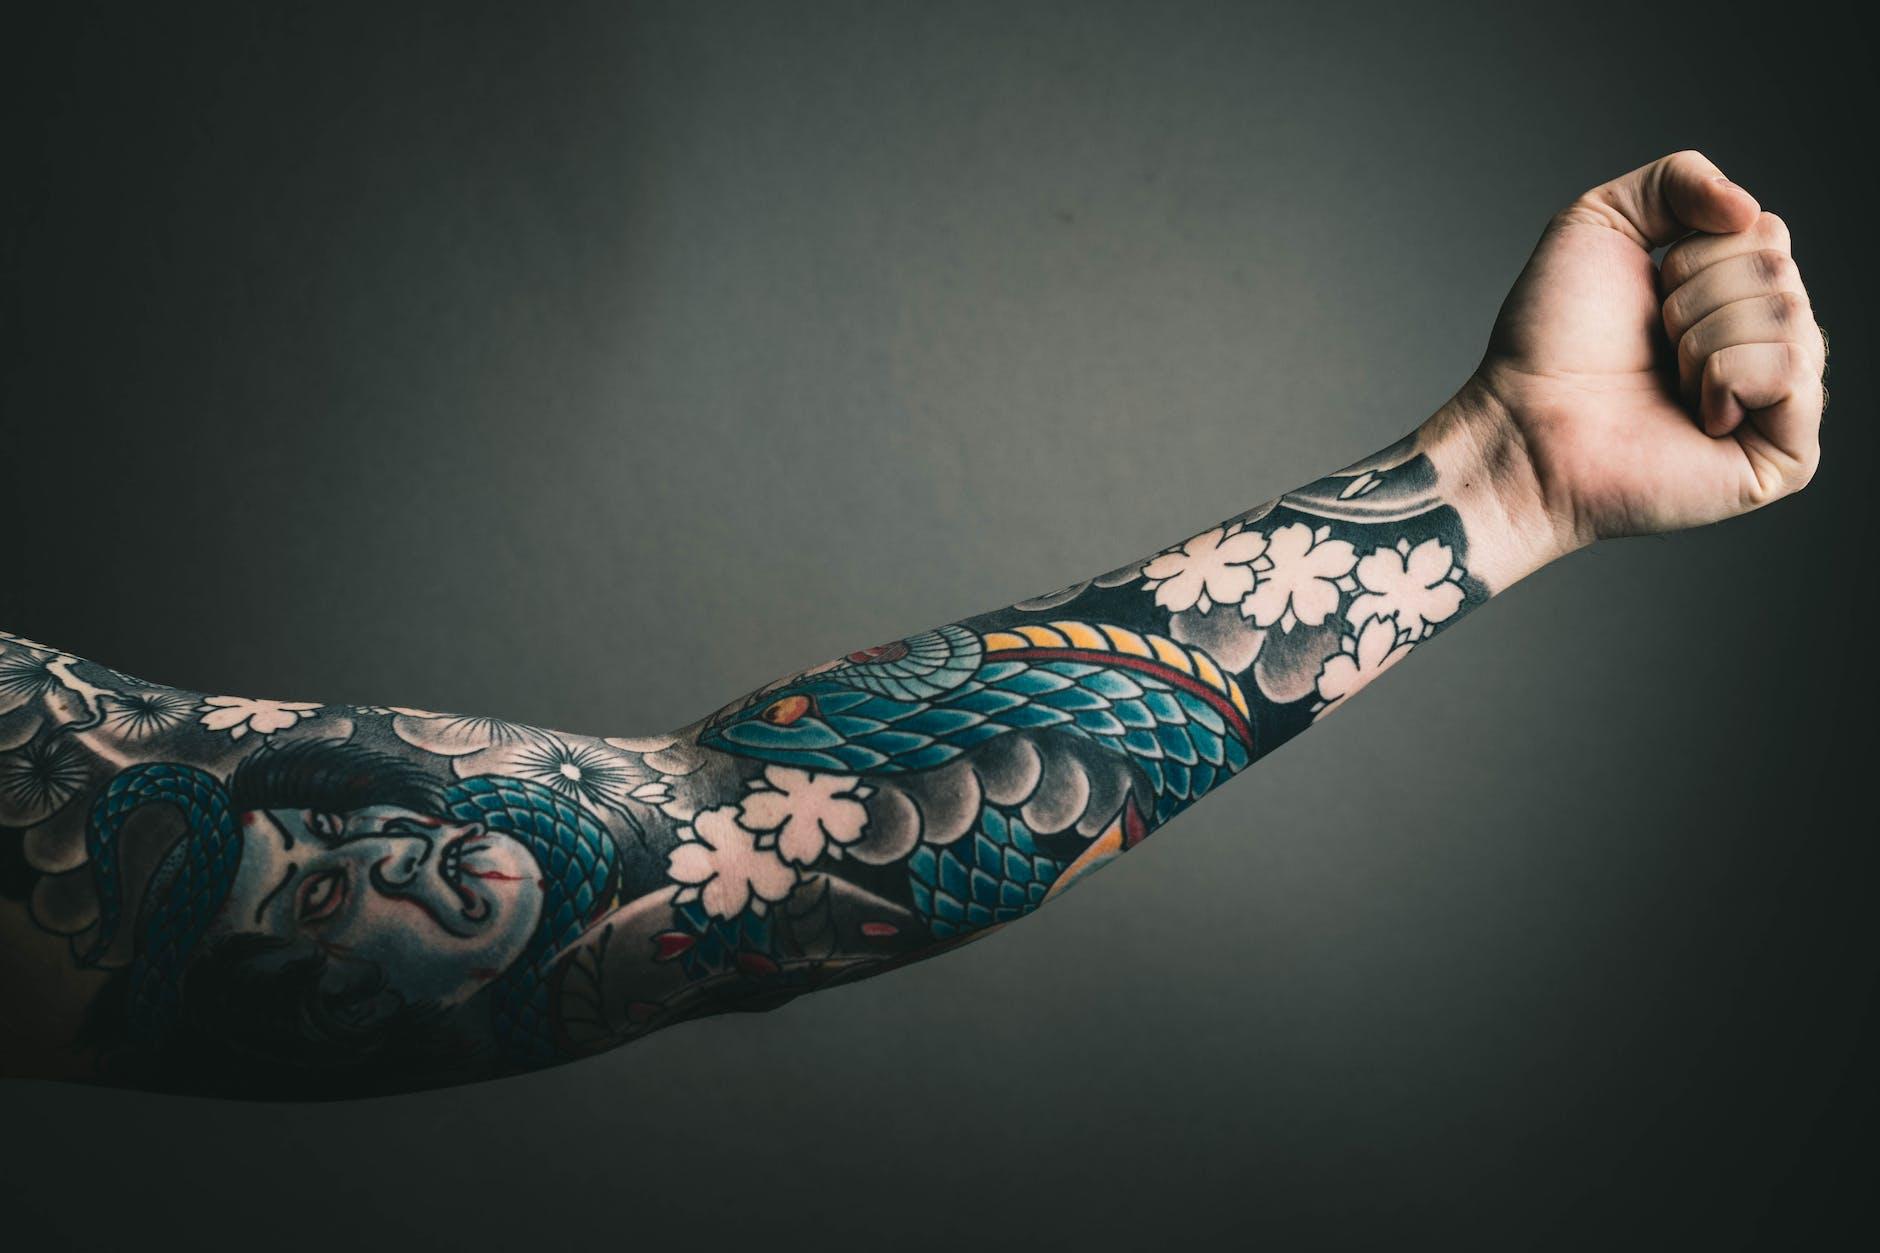 Как делают тату - этапы и процесс создания